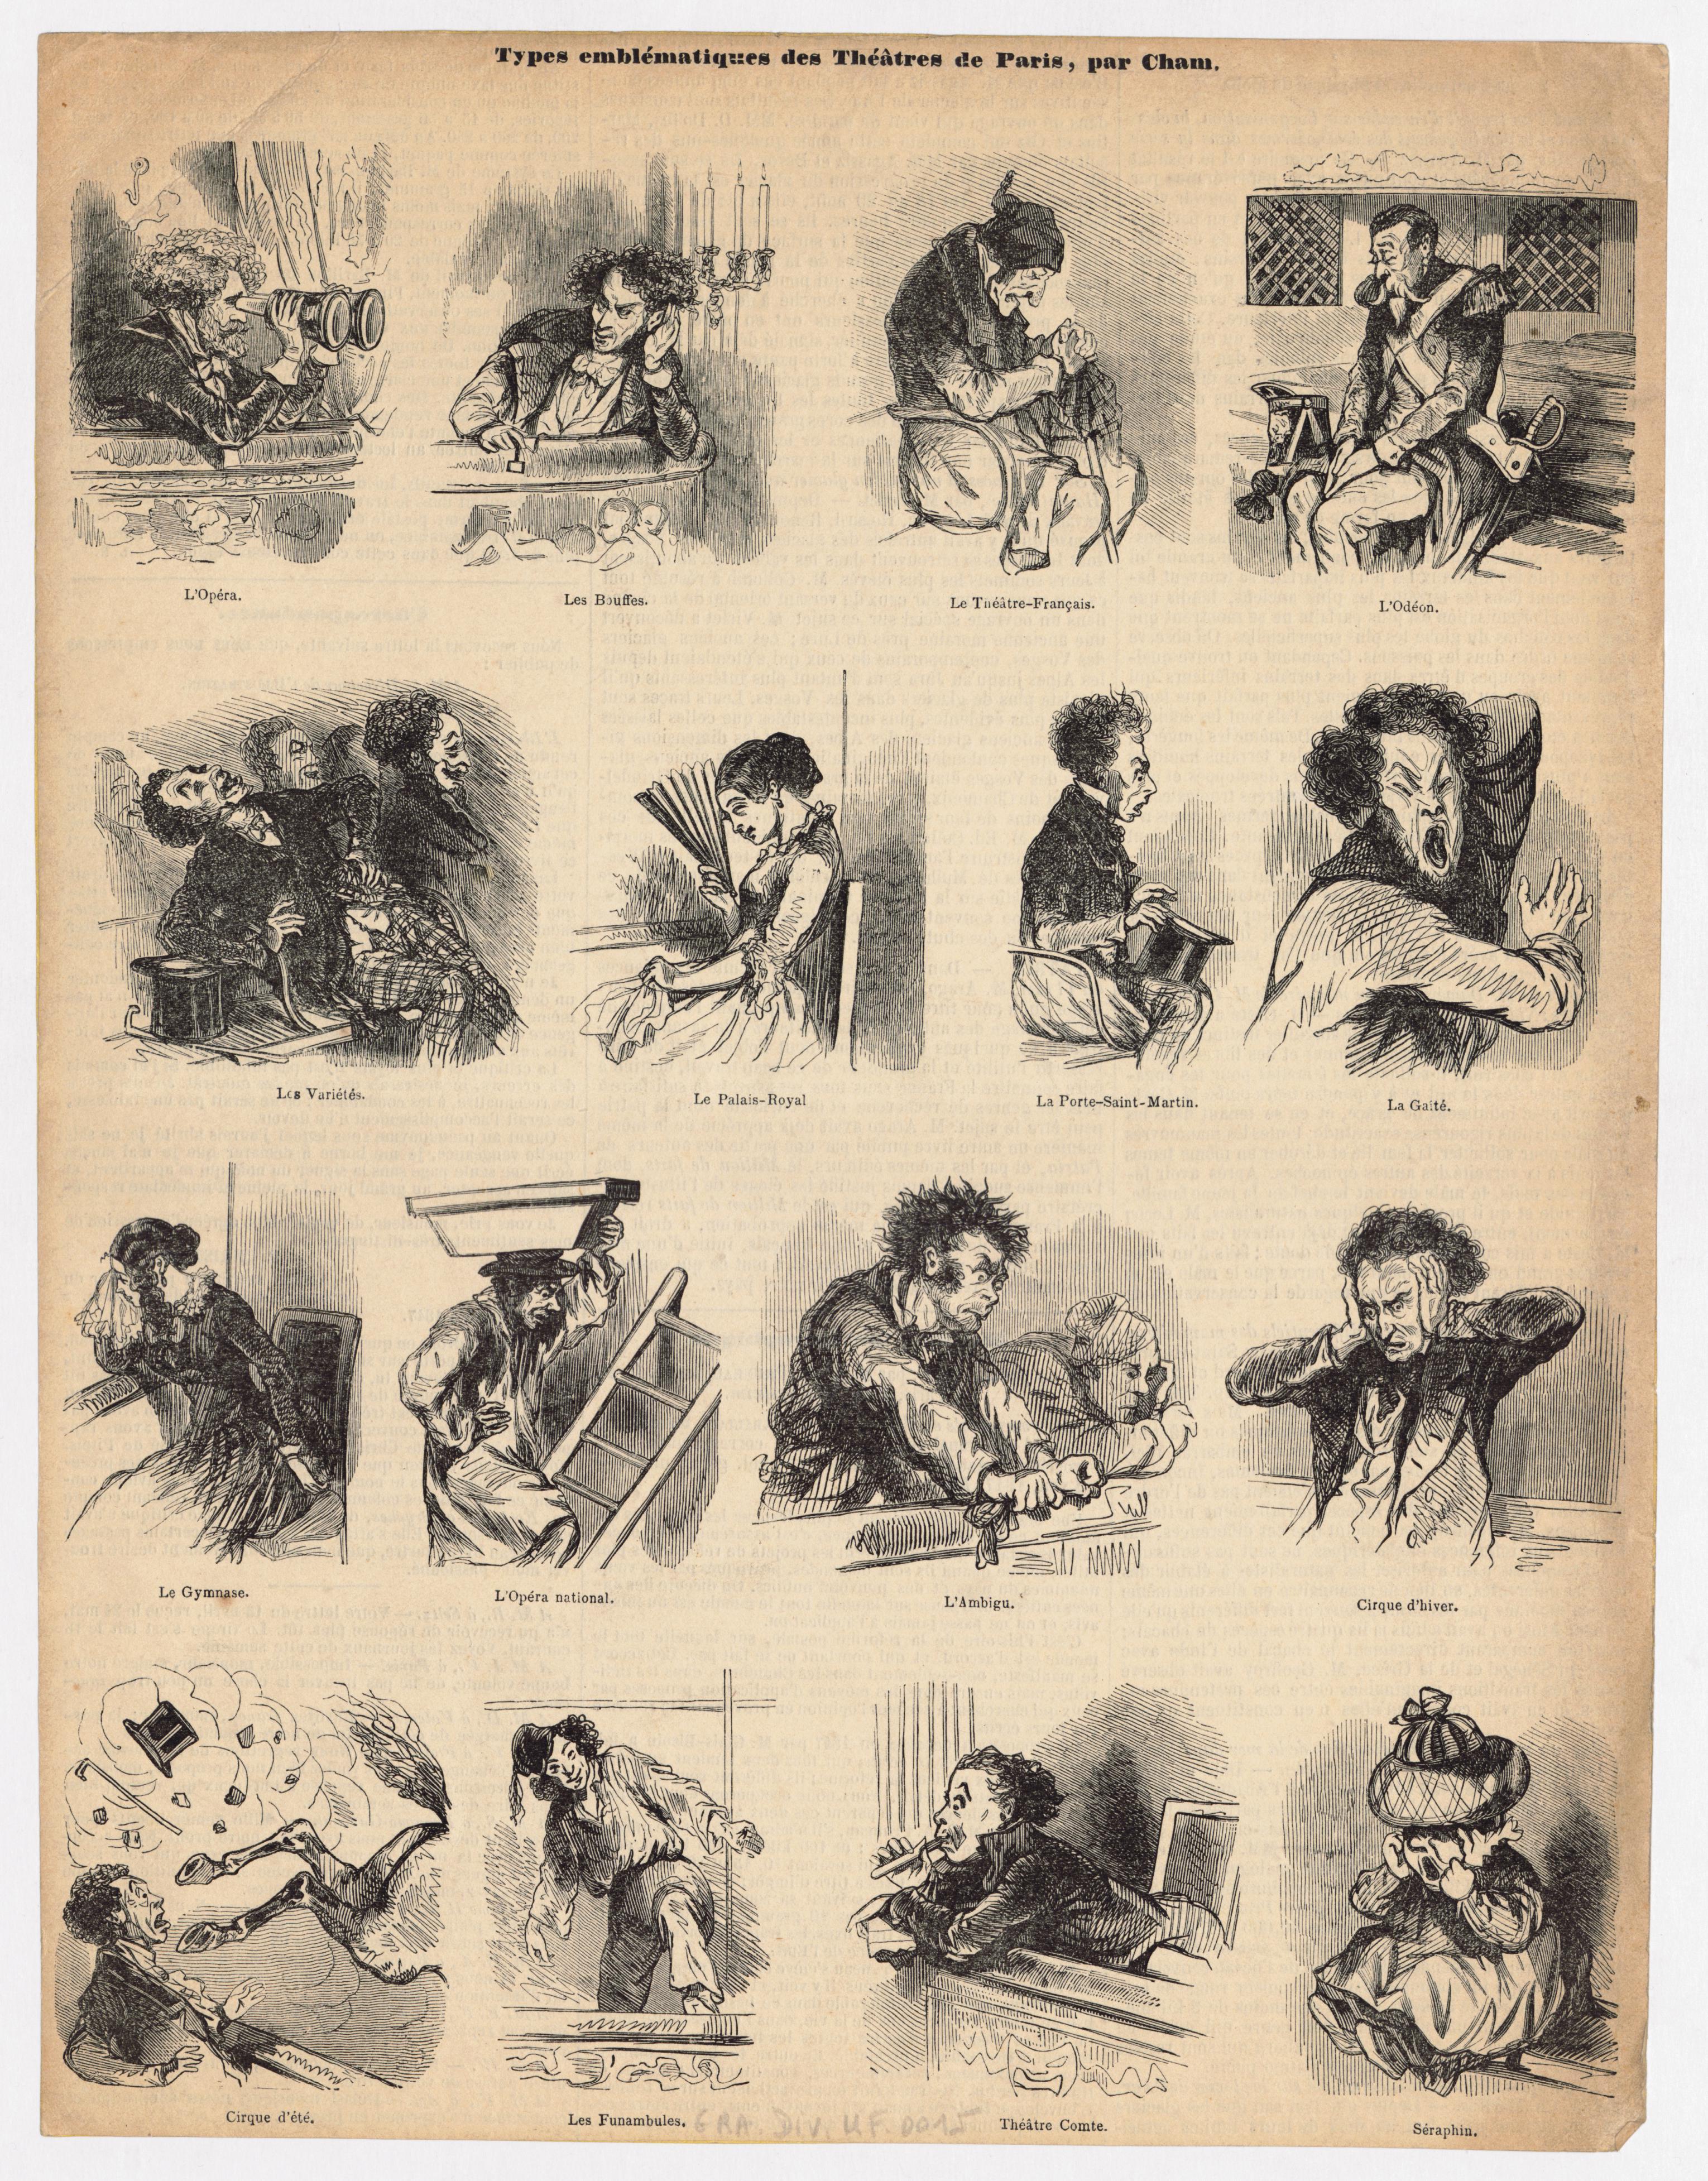 10-types-emblc-matiques-des-thc-e-tres-de-paris-caricature-par-cham-1839-1879-